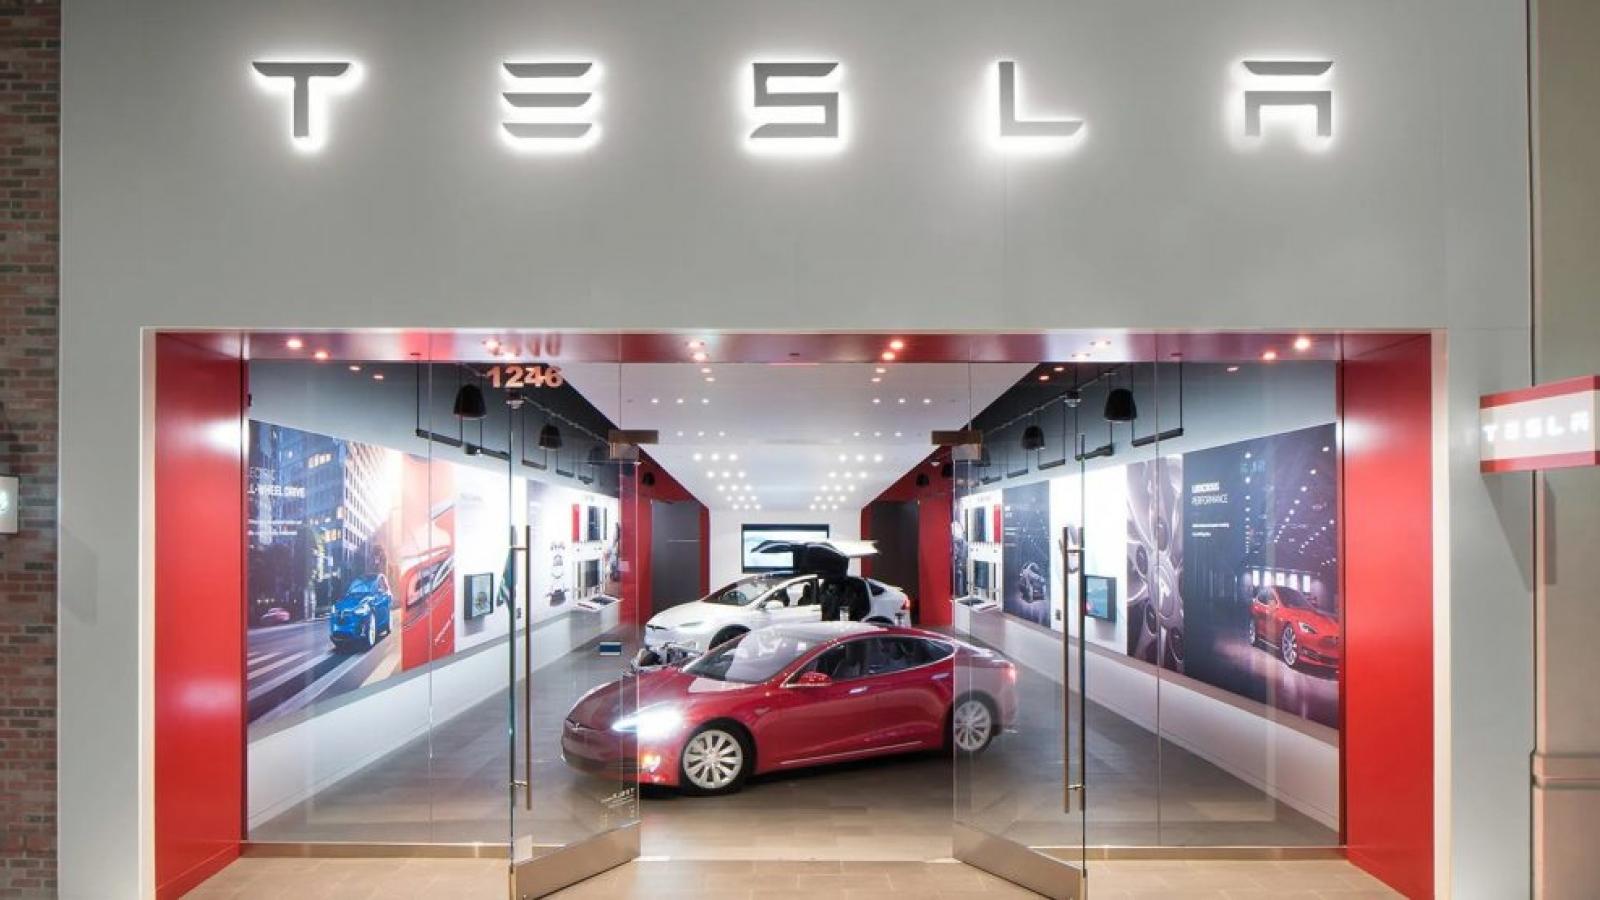 Bất chấp đại dịch Covid-19, doanh số bán hàng của Tesla vẫn tăng 36%